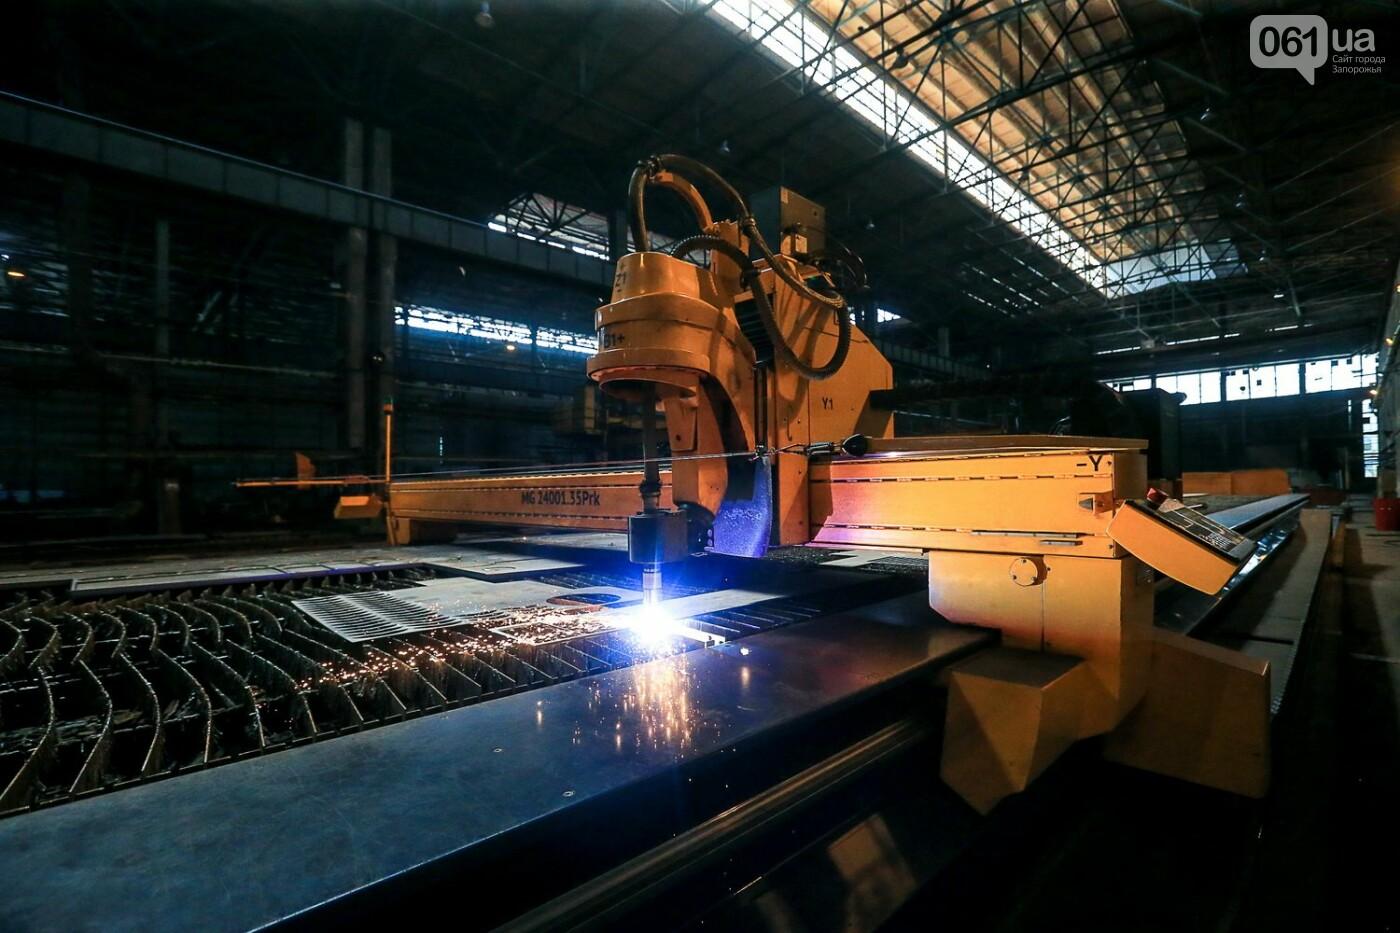 Как в Запорожье работает крупнейший в Европе завод по производству кранов: экскурсия на производство, — ФОТОРЕПОРТАЖ, фото-14